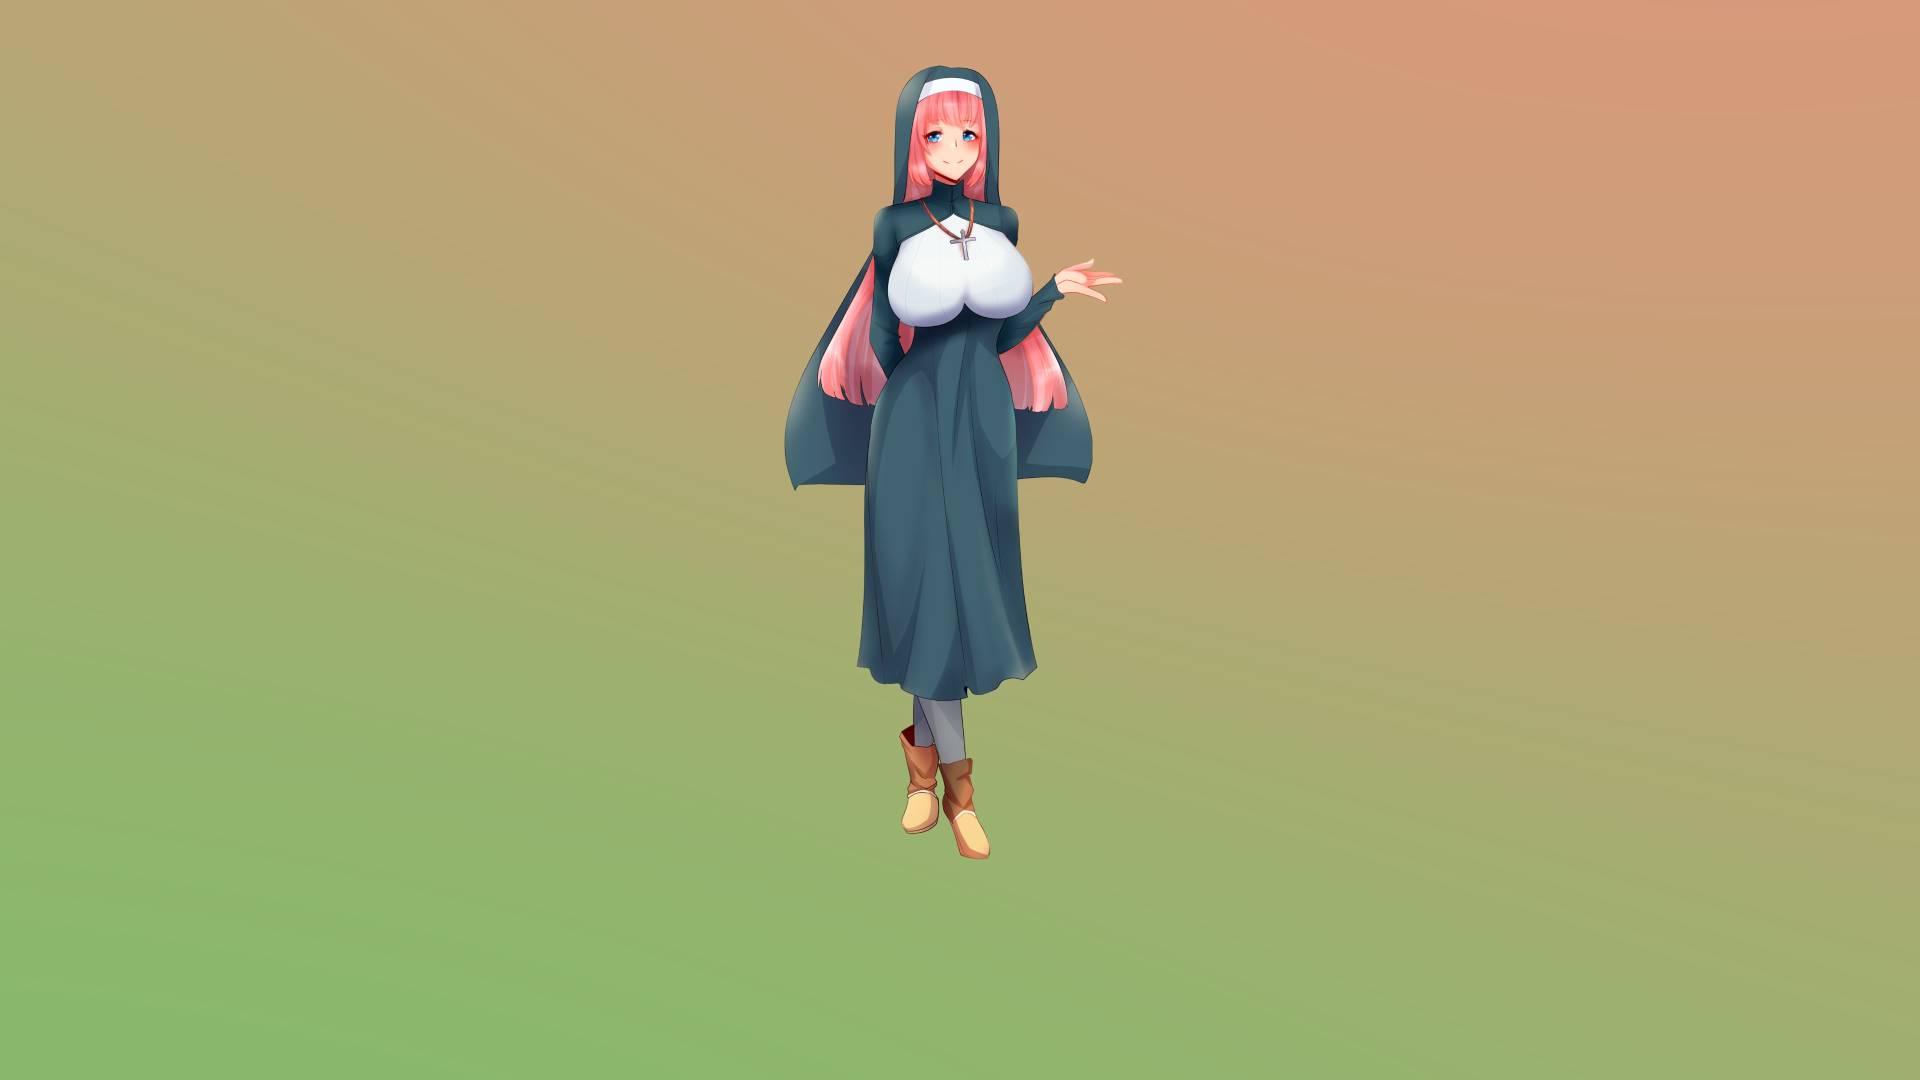 mommy nun